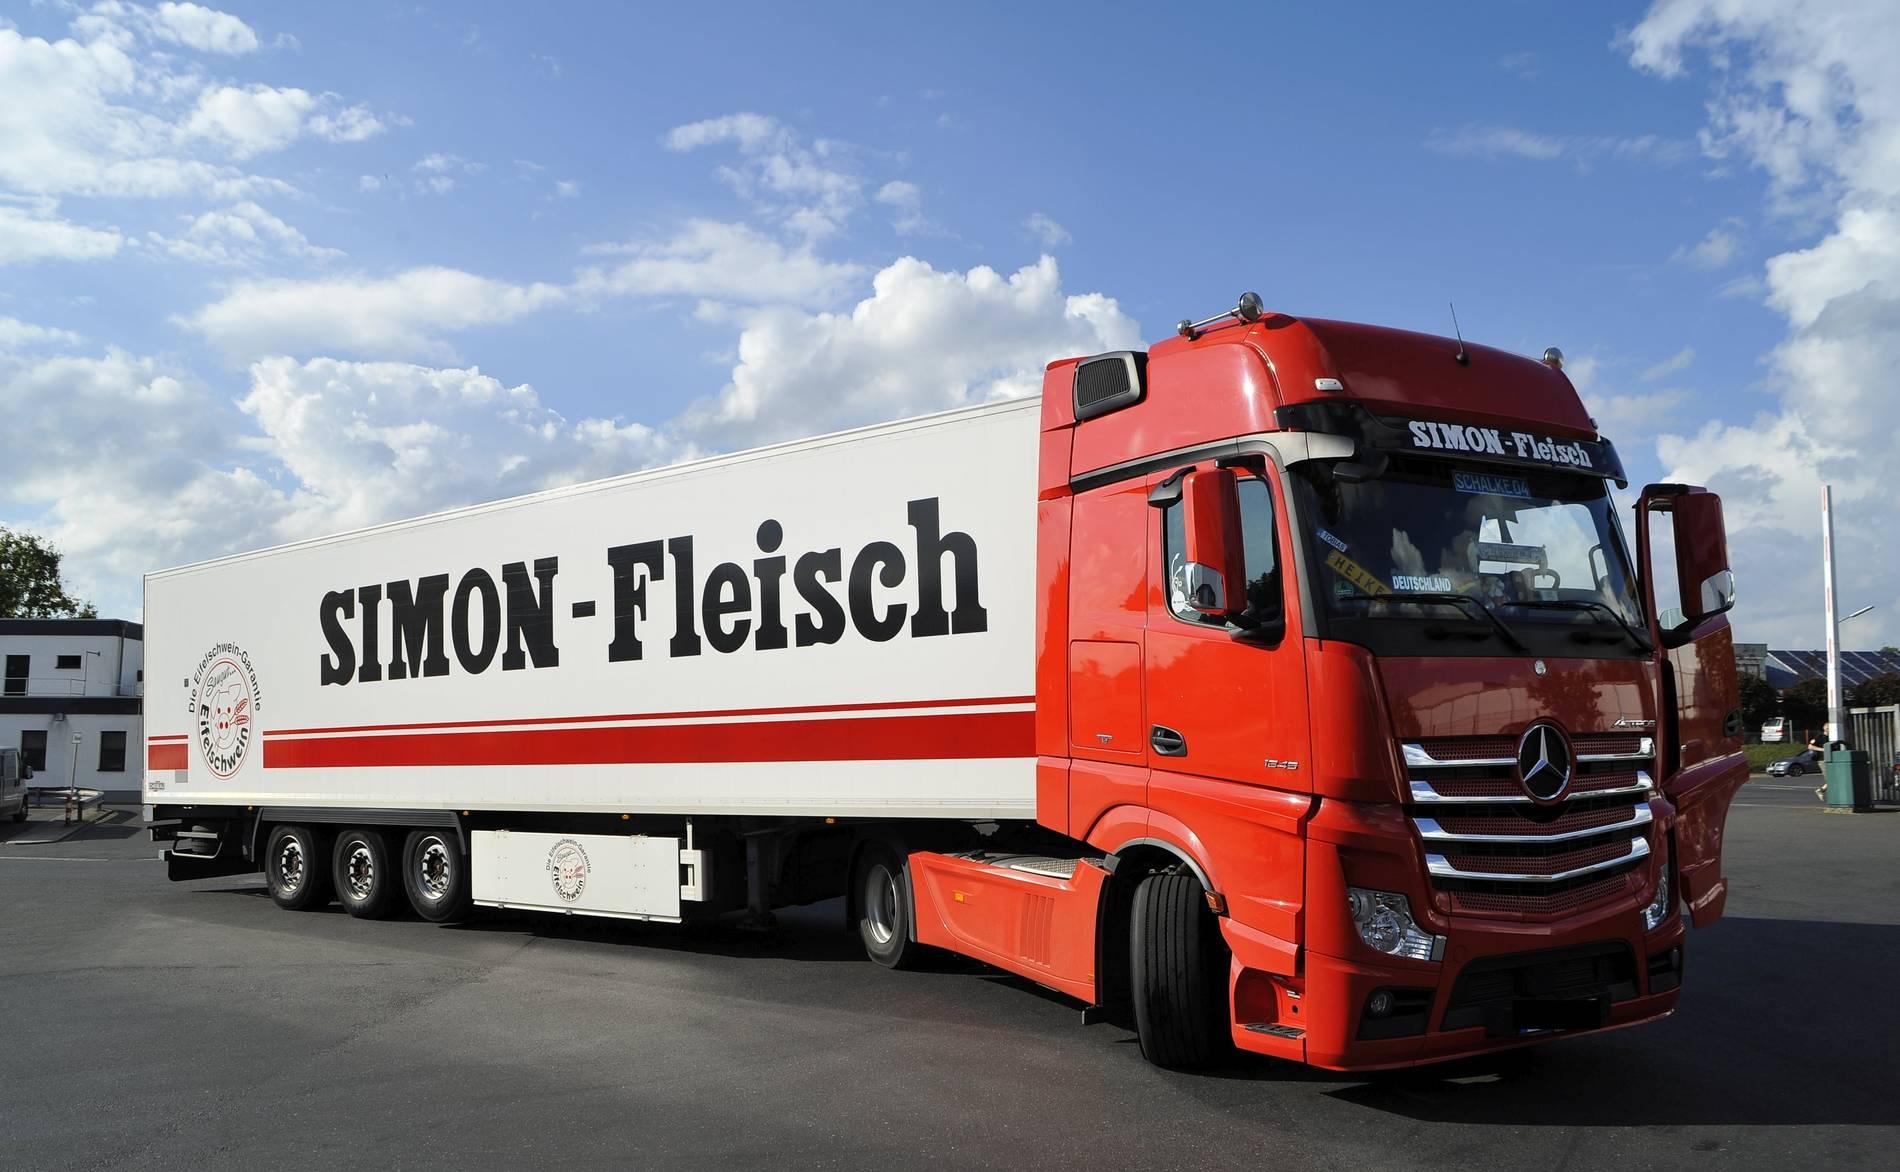 Simon Fleisch Corona